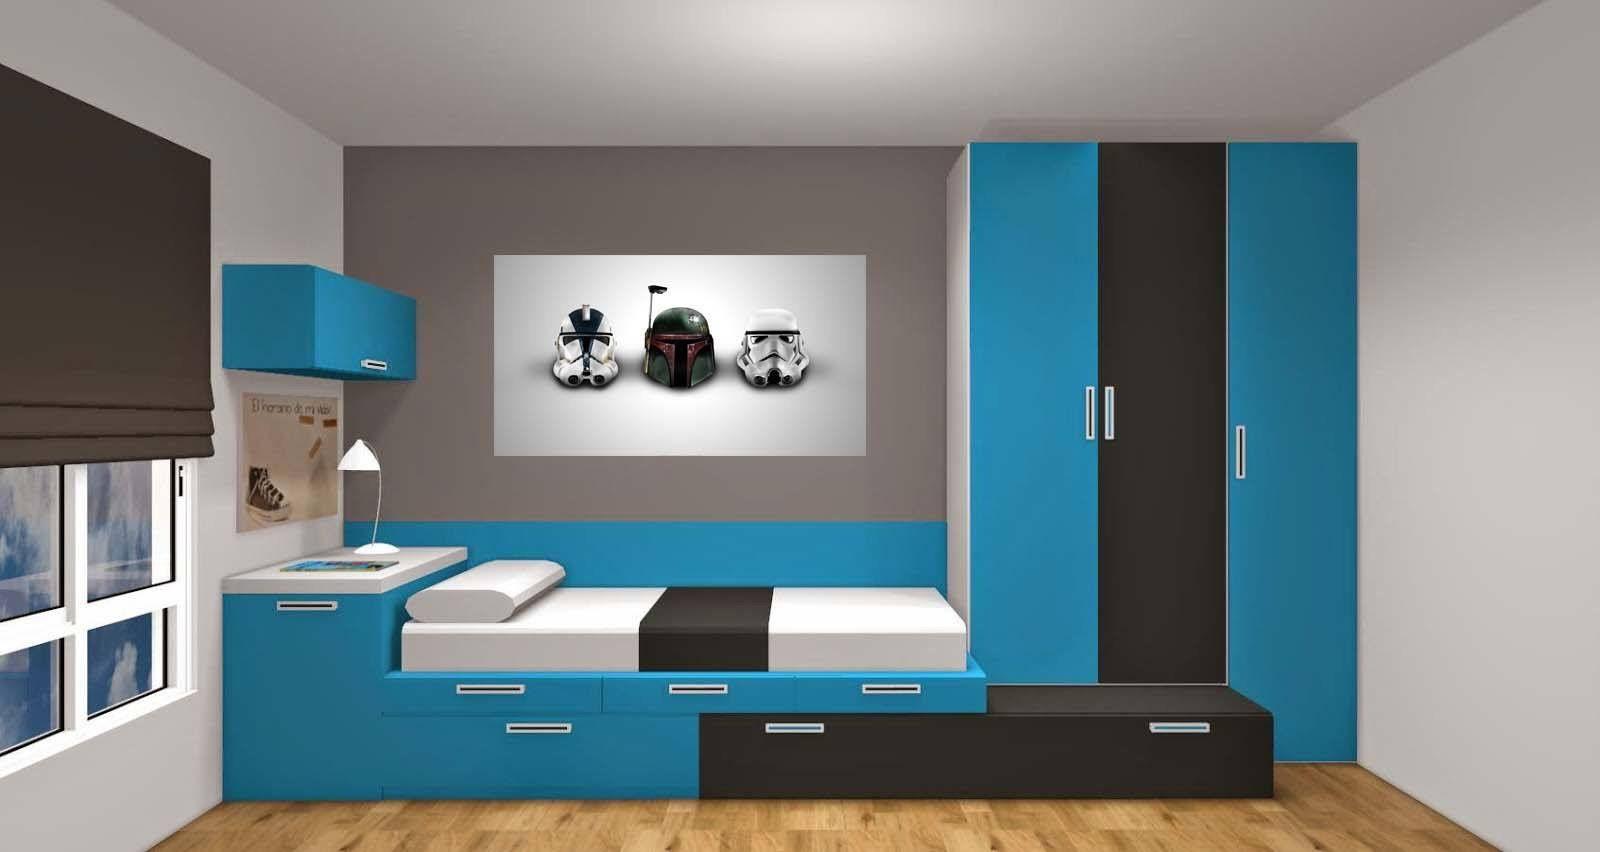 Cuadros Dormitorio Juvenil Trendy Por Defecto Y Que Combinan A La - Cuadros-dormitorio-juvenil